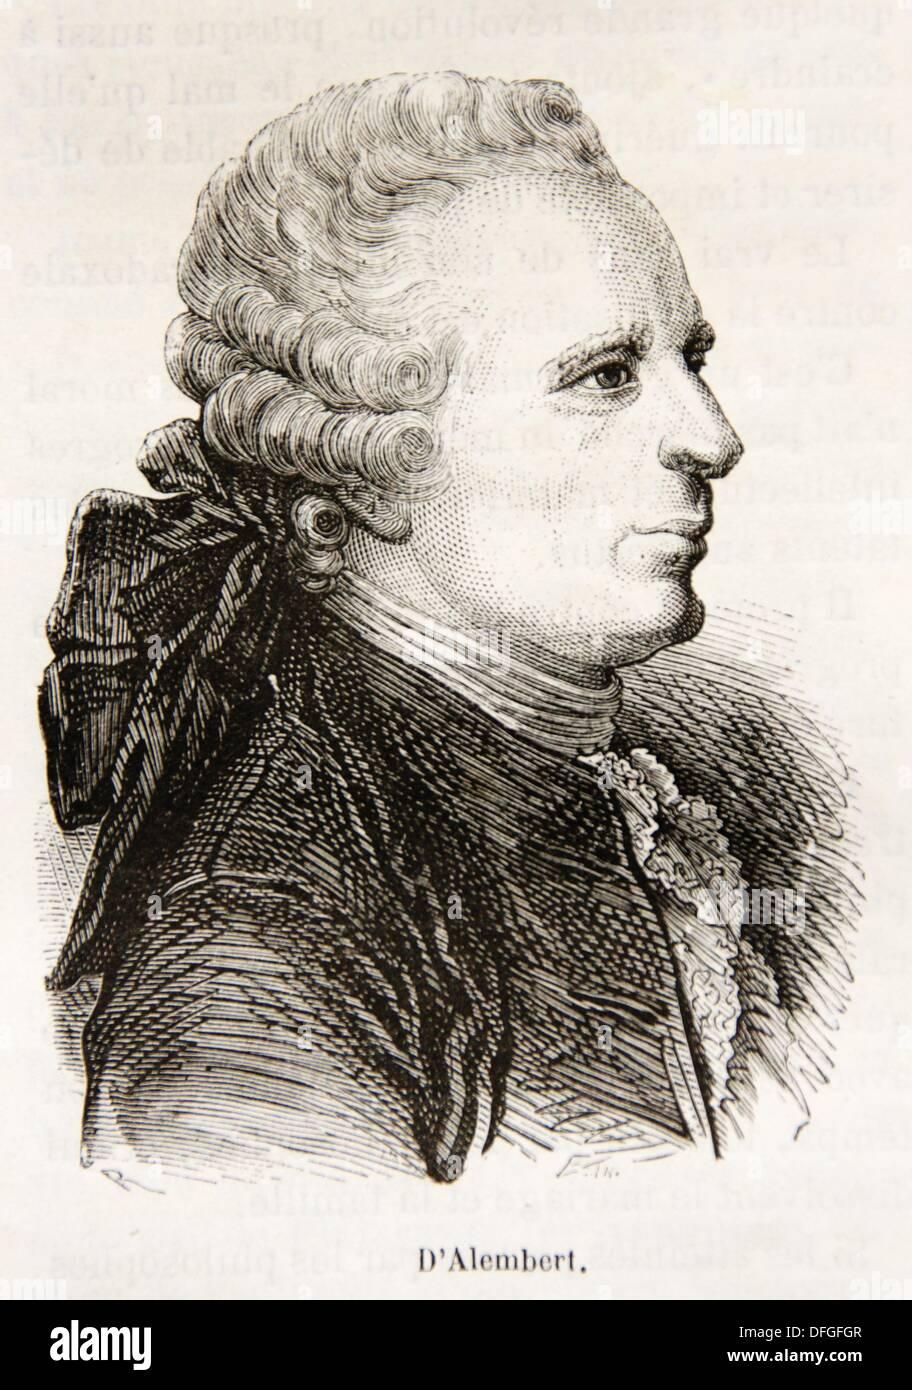 Jean Le Rond D'Alembert (16 novembre 1717 - 29 octobre 1783) était un mathématicien français, physicien et scientifique Banque D'Images